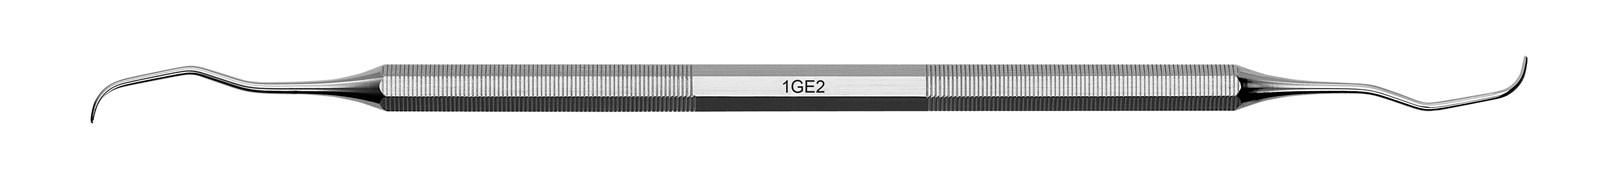 Kyreta Gracey Classic - 1GE2, ADEP silikonový návlek šedý